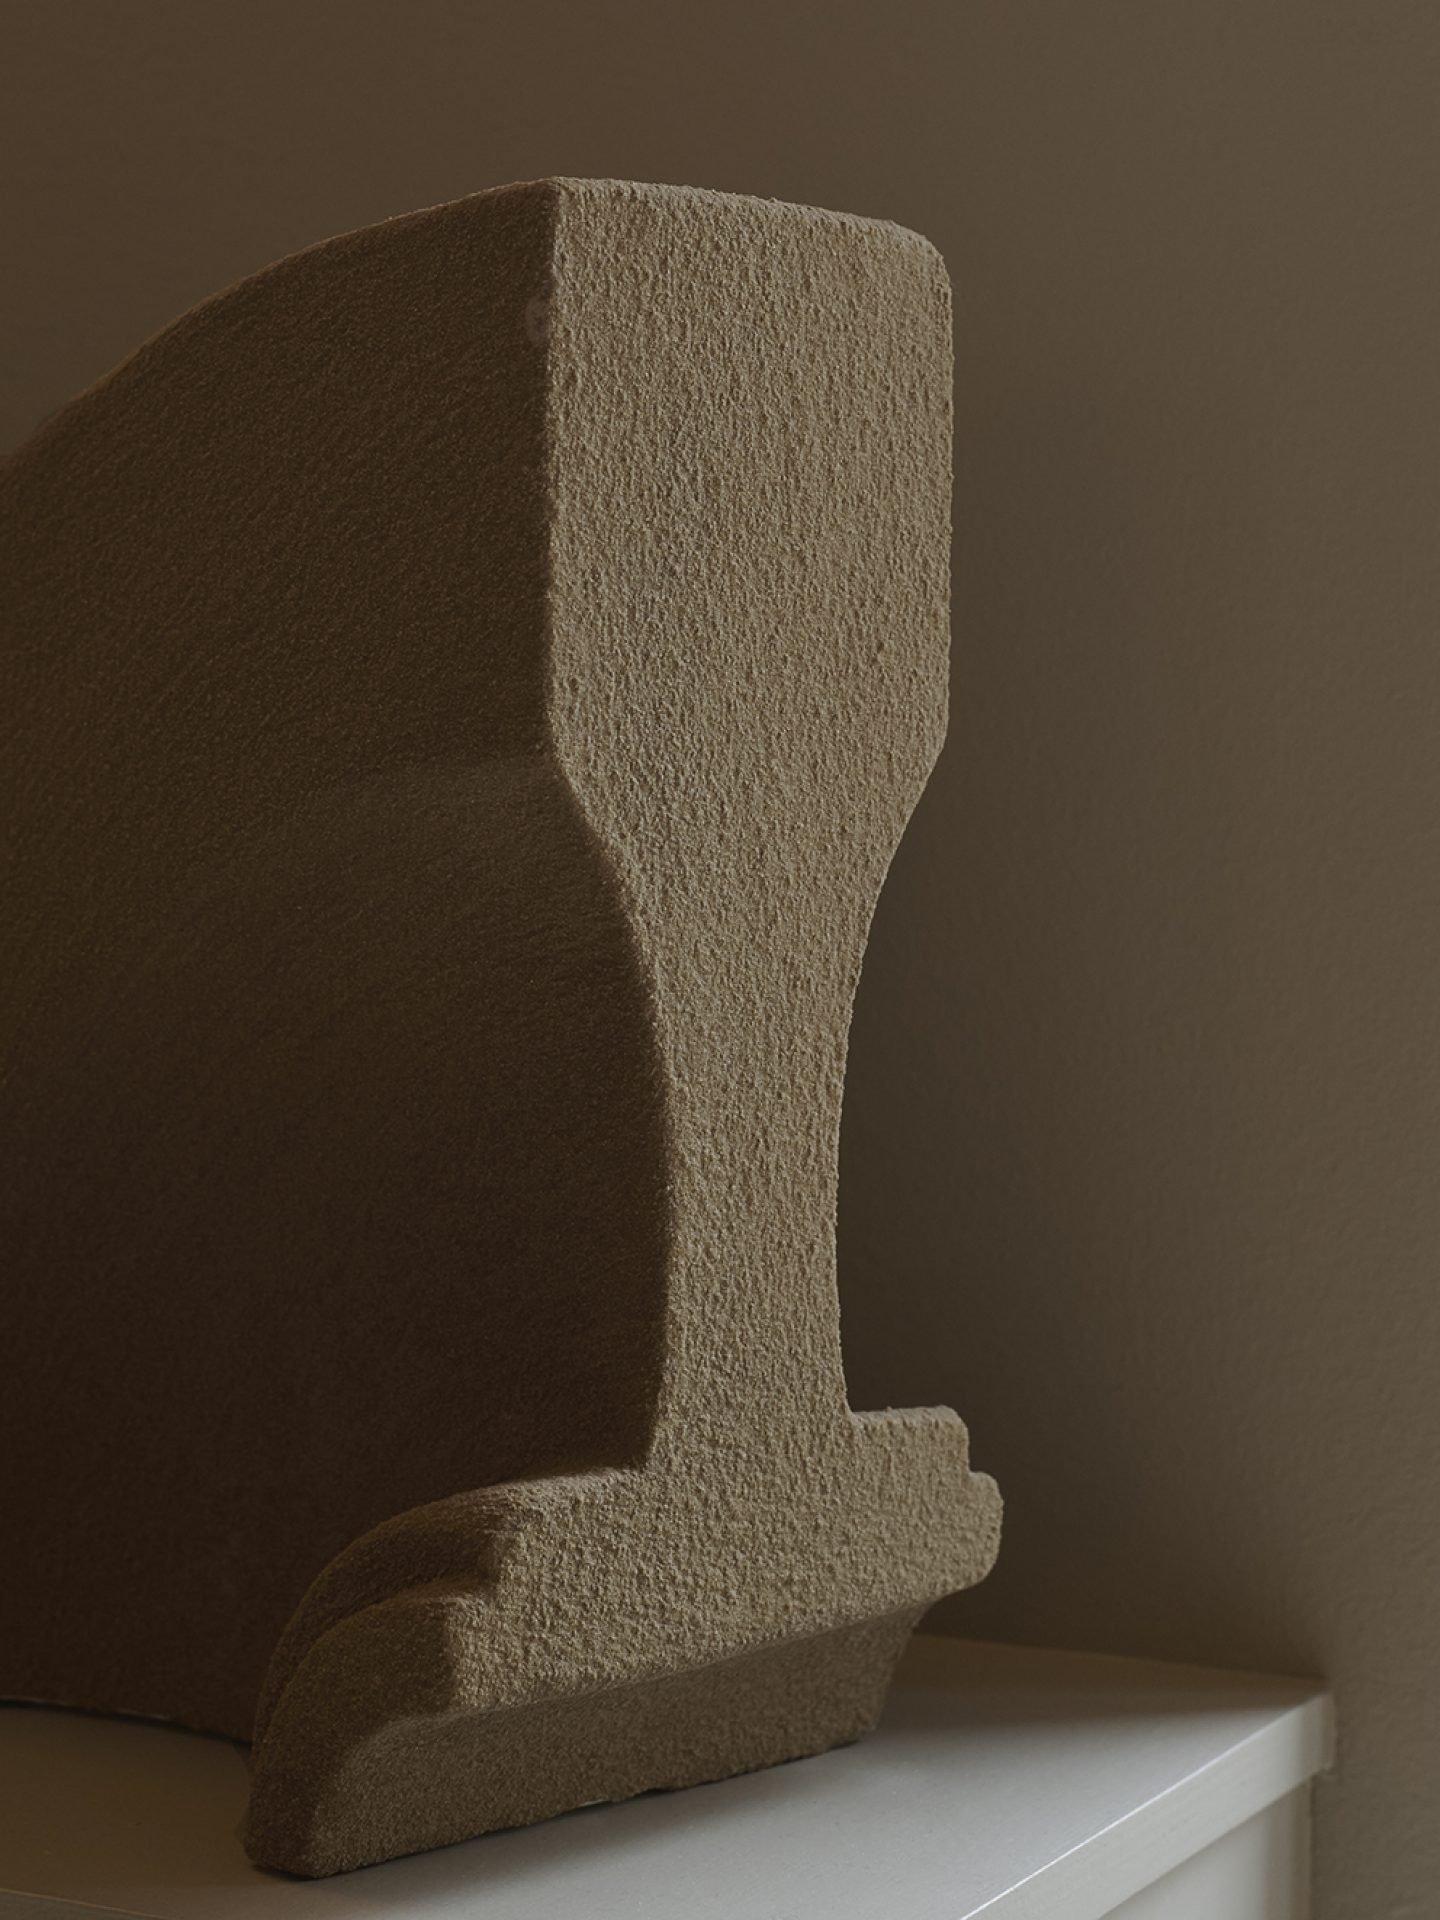 IGNANT-ART-Sculpture-Alium-06